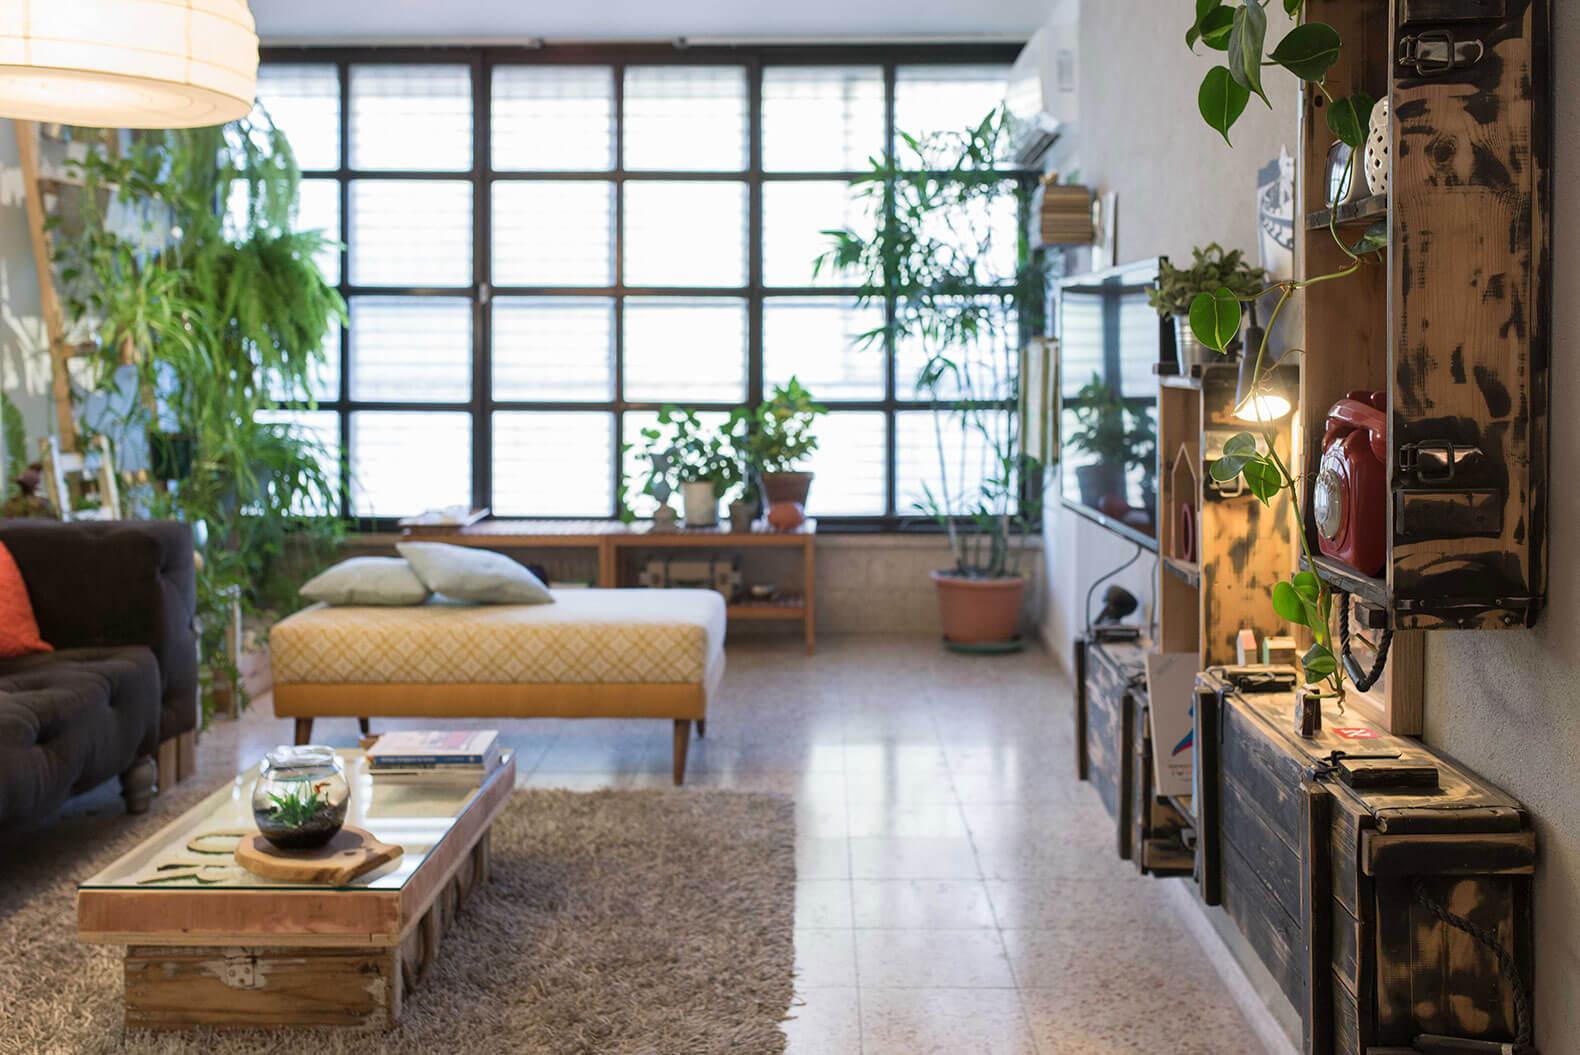 Sống gần với thiên nhiên nhờ thiết kế nội thất nhà ống phong cách Eco